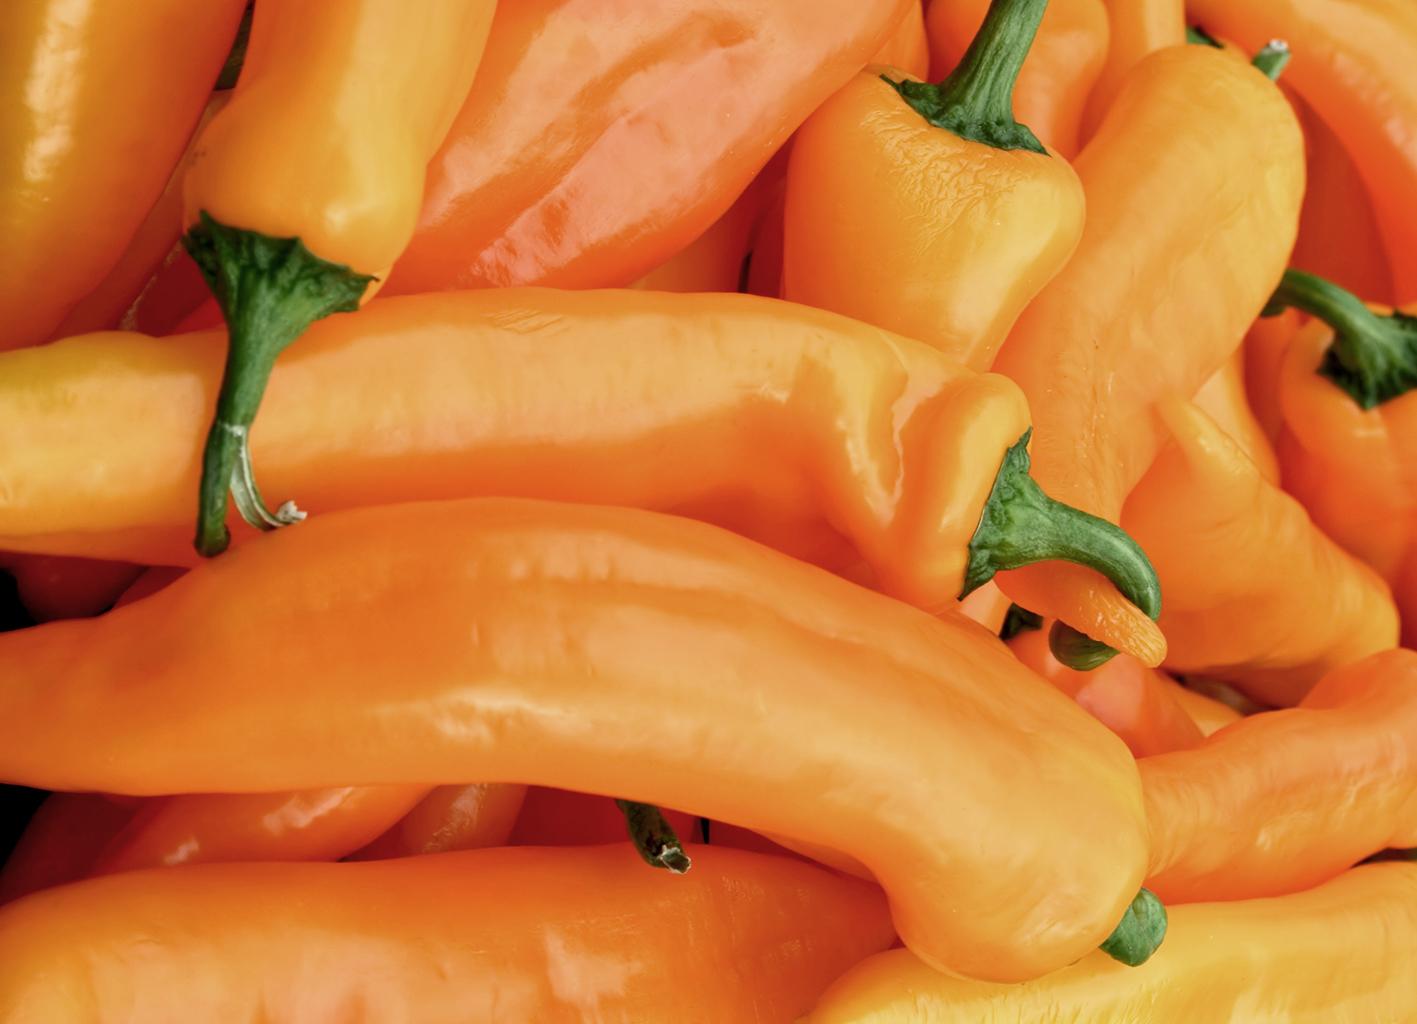 Gut ein Dutzend Früchte des gelben Spitzpaprika 'Pinokkio' liegen kreuz und quer durcheinander